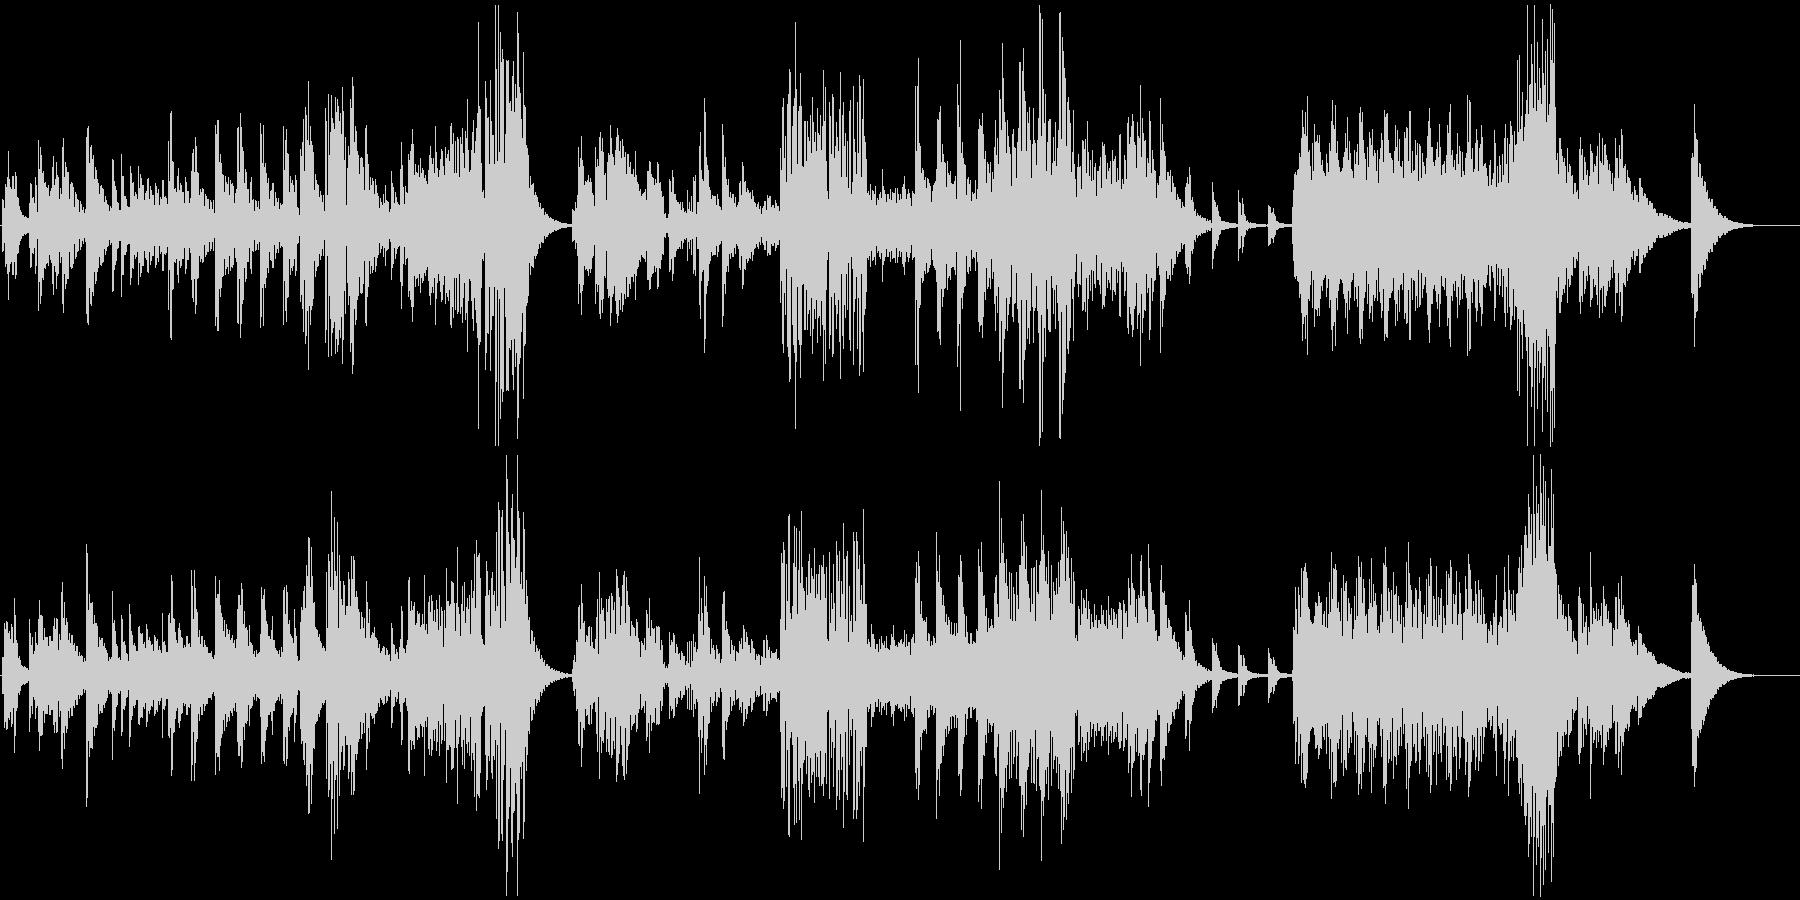 静かで幻想的なE・ピアノの曲の未再生の波形